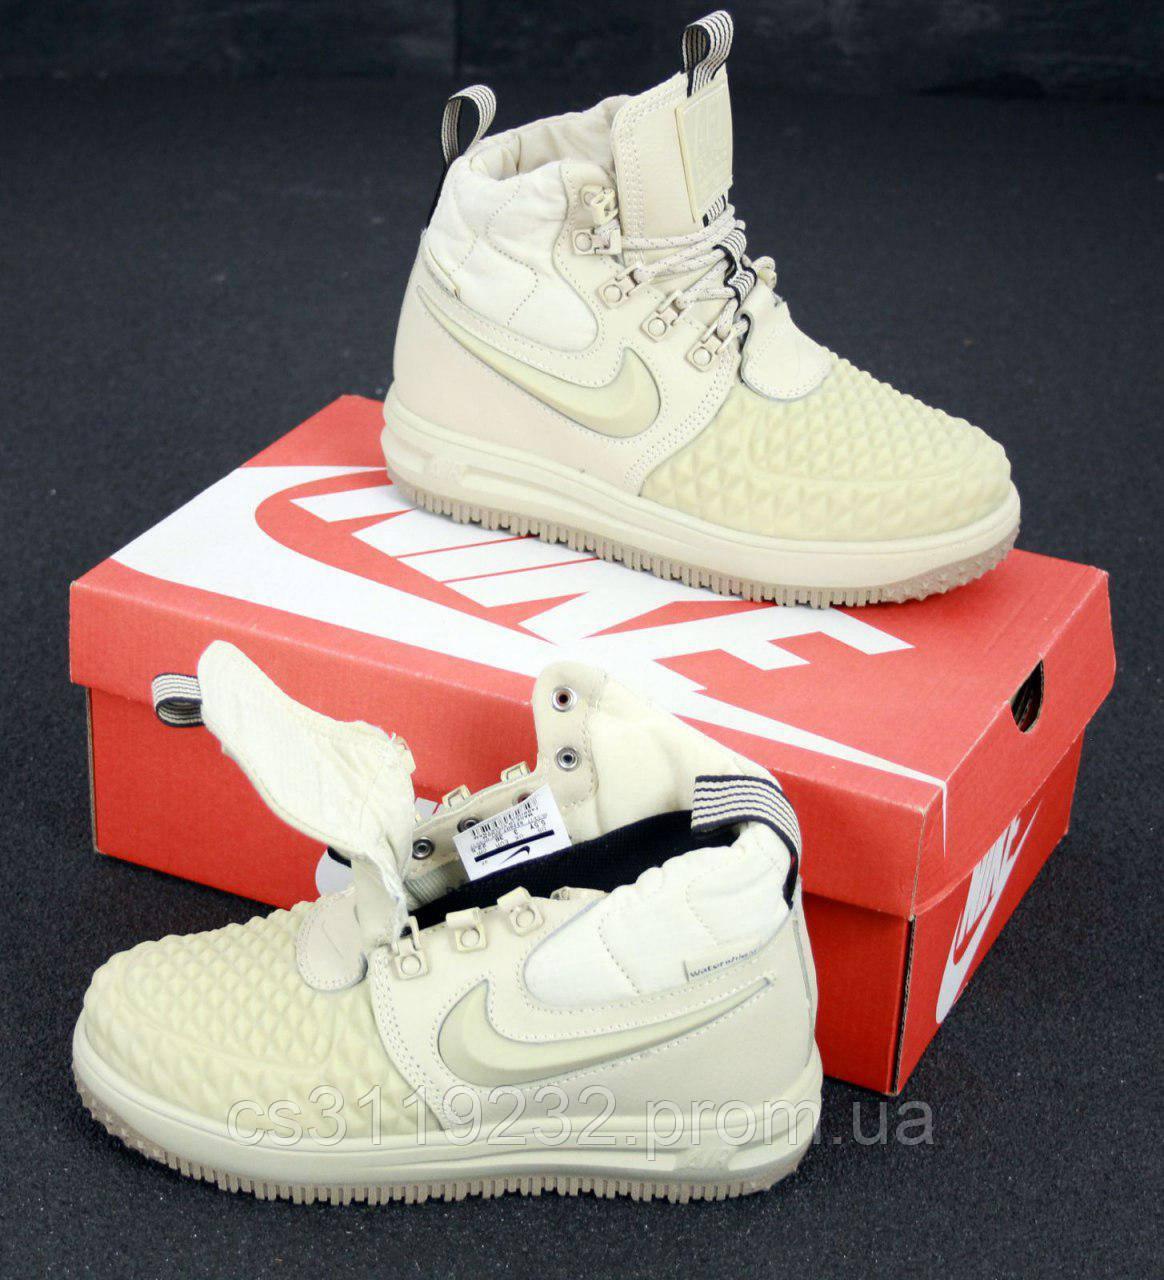 Мужские кроссовки Nike Lunar Force 1 Duckboot 17 (бордовые)